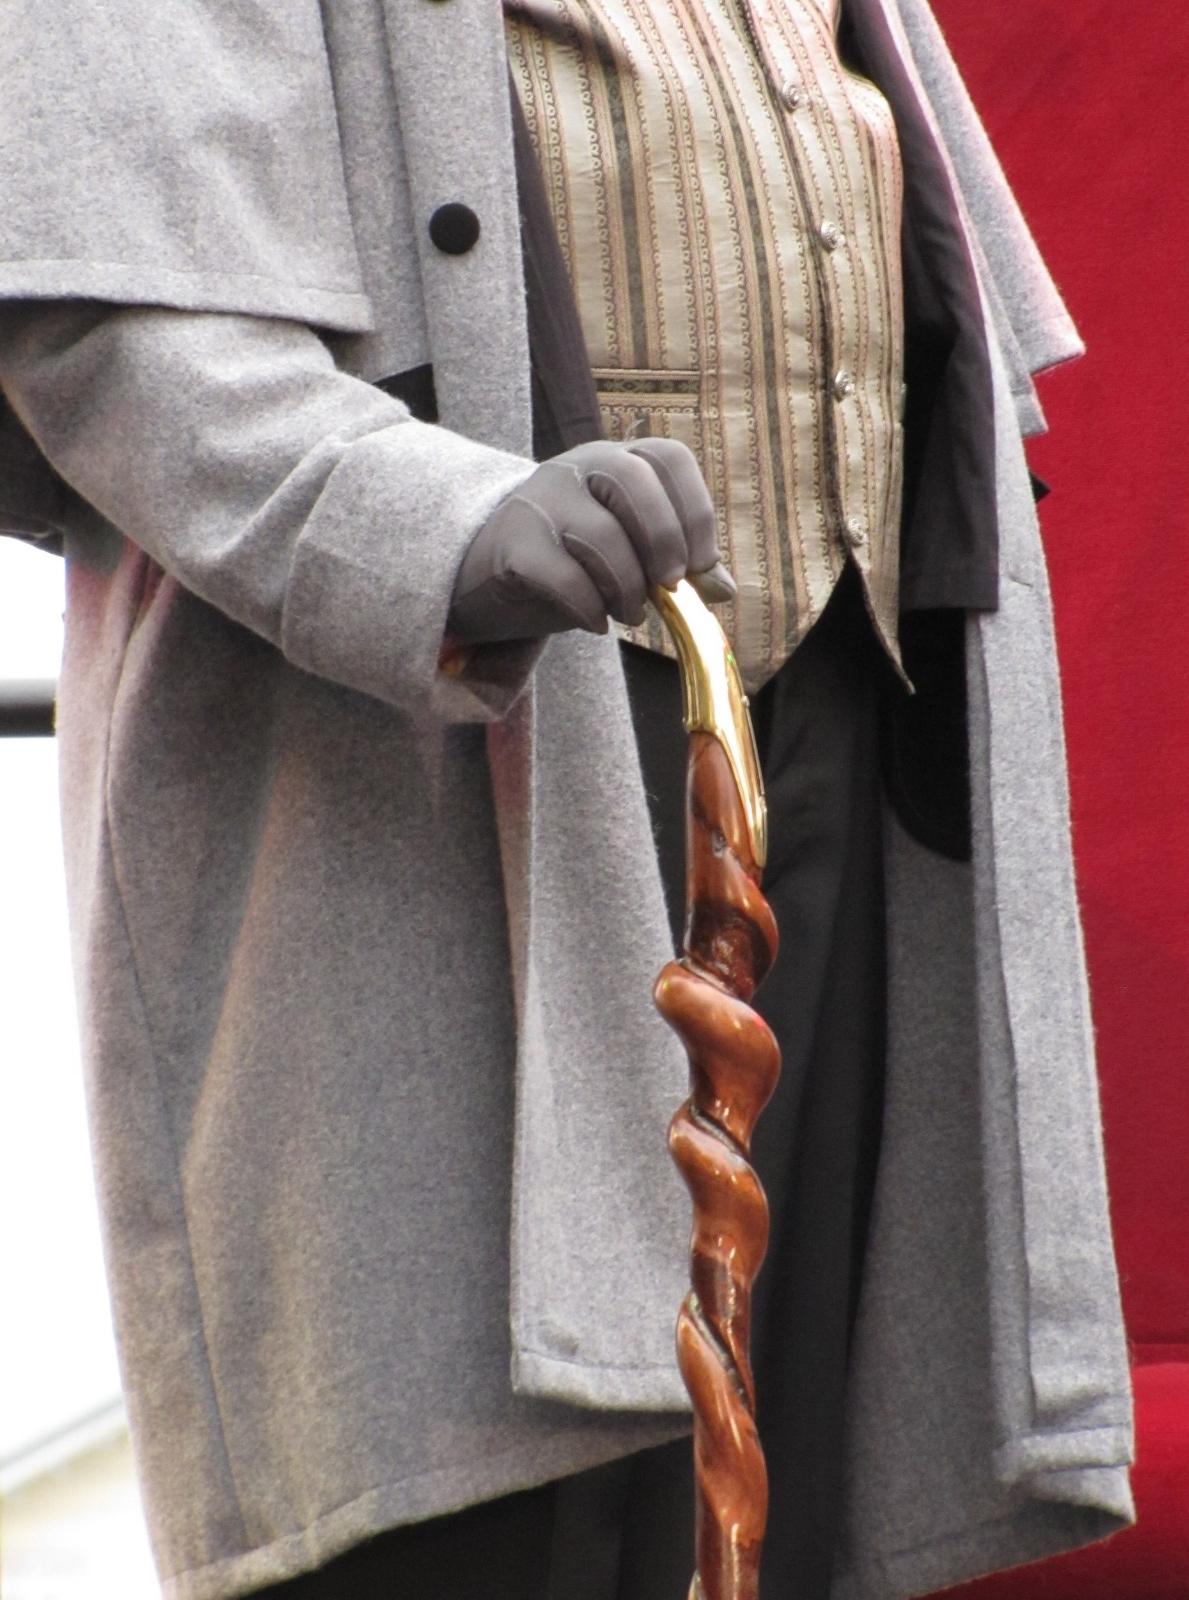 gentleman's cane, jacket, and vest in costume